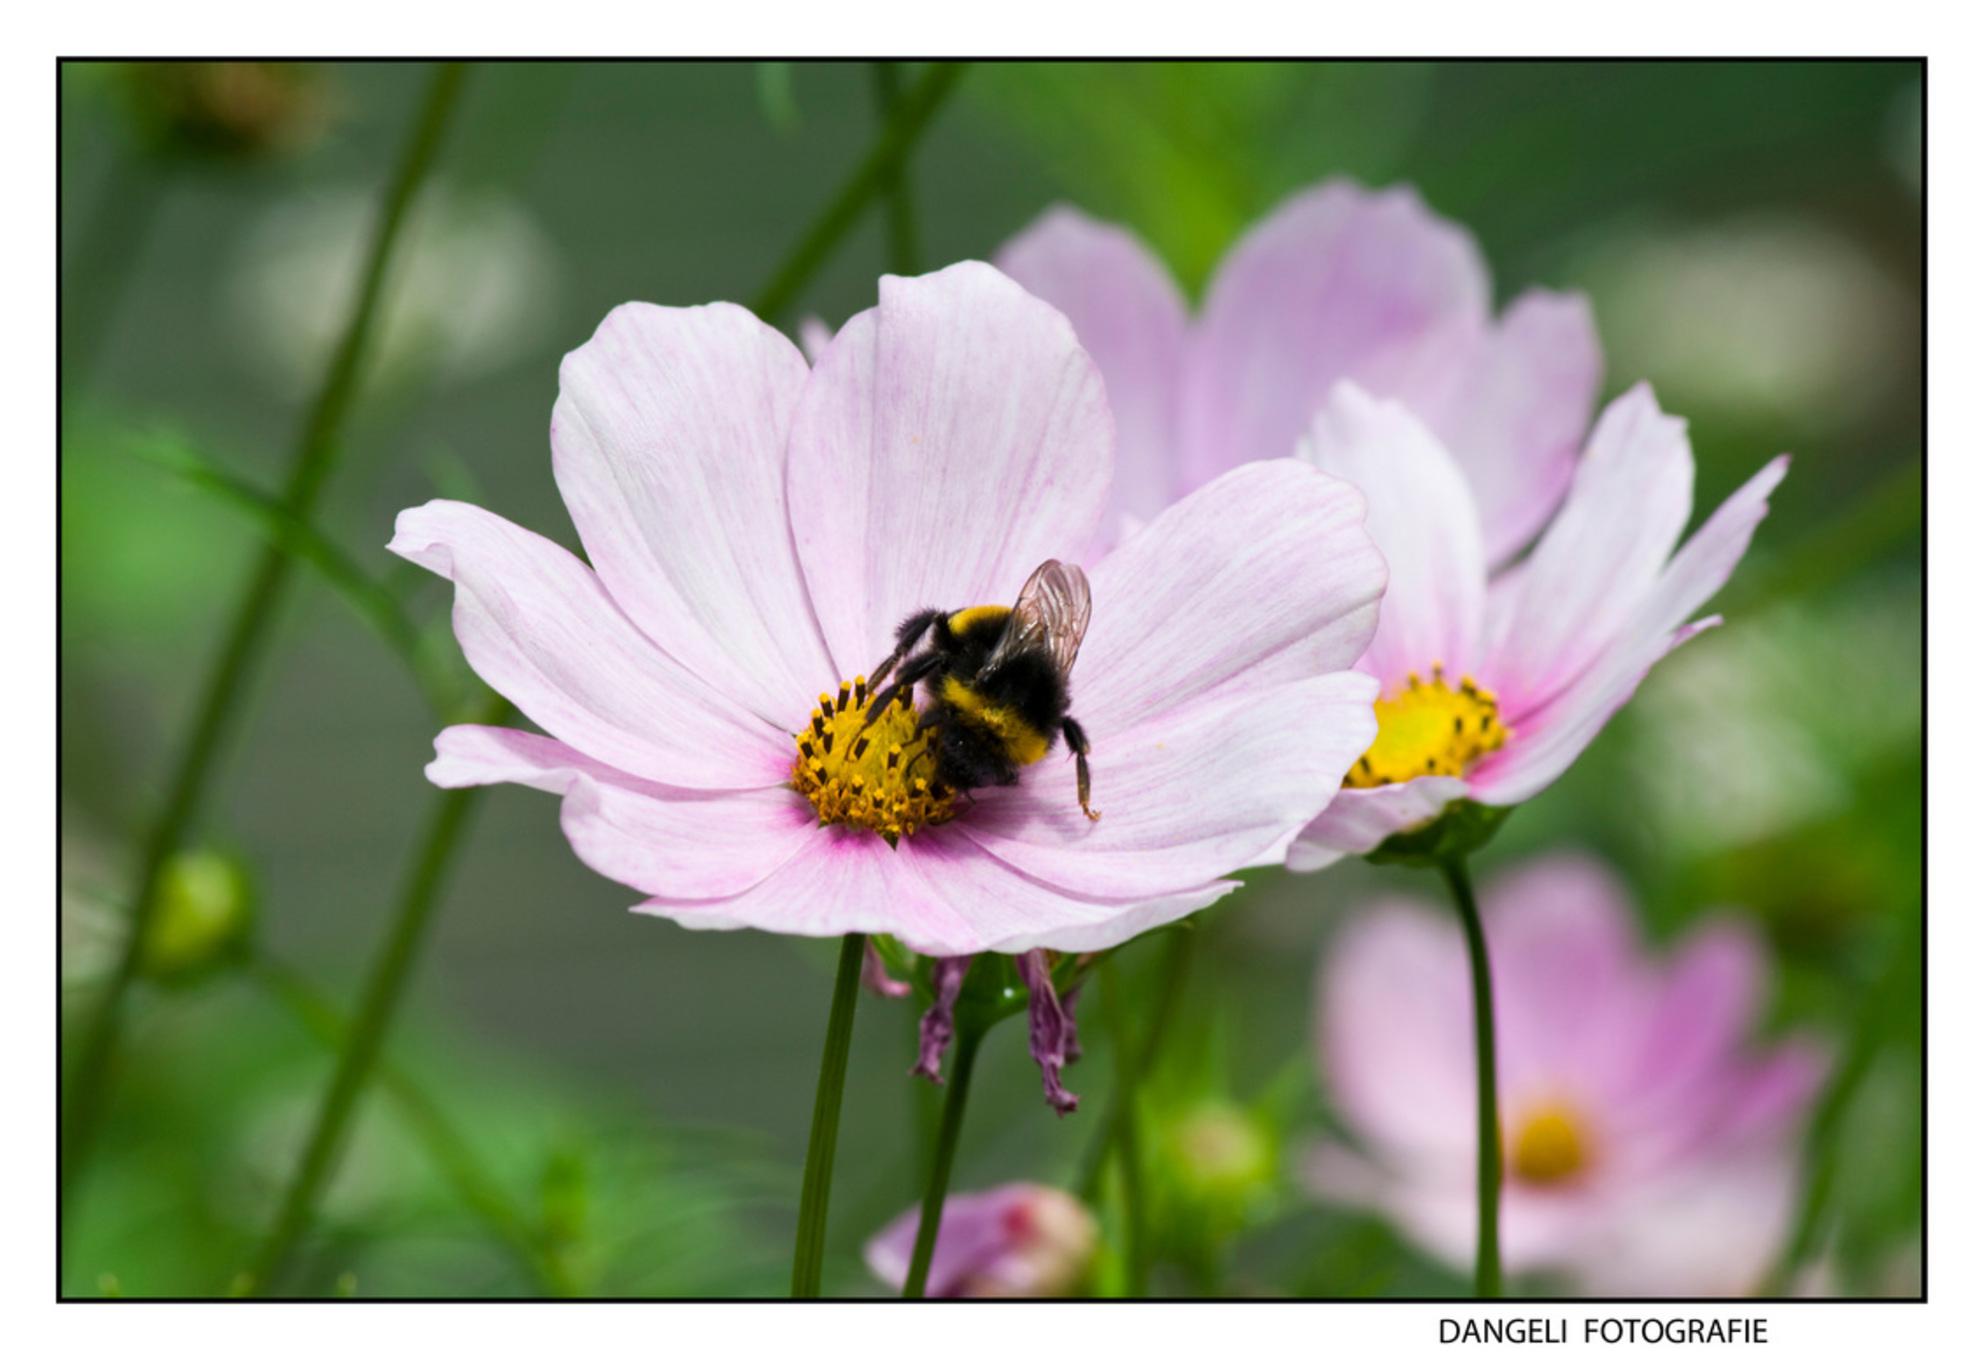 Honing zoeken - Even een closeup van een bijtje op een bloem. Eerste van zijn soort voor mij... kijken of deze goed is gelukt volgens anderen. - foto door vasco1973 op 27-07-2009 - deze foto bevat: bloem, bij, closeup, honing